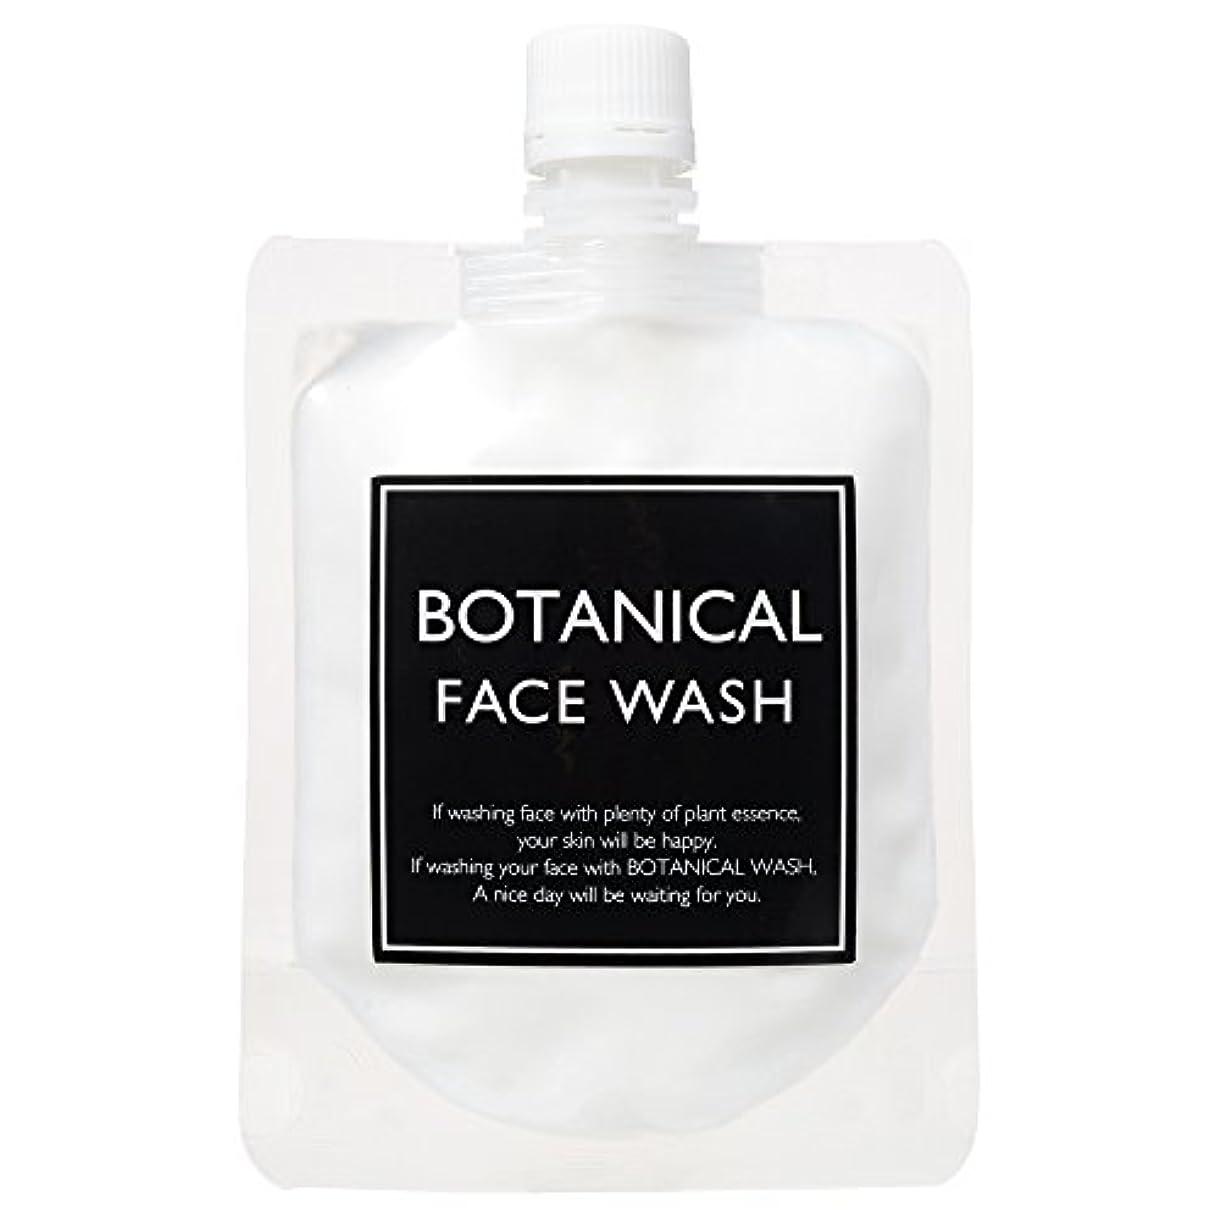 マウンド徹底抹消【BOTANICAL FACE WASH】 ボタニカル フェイスウォッシュ 150g 泡洗顔